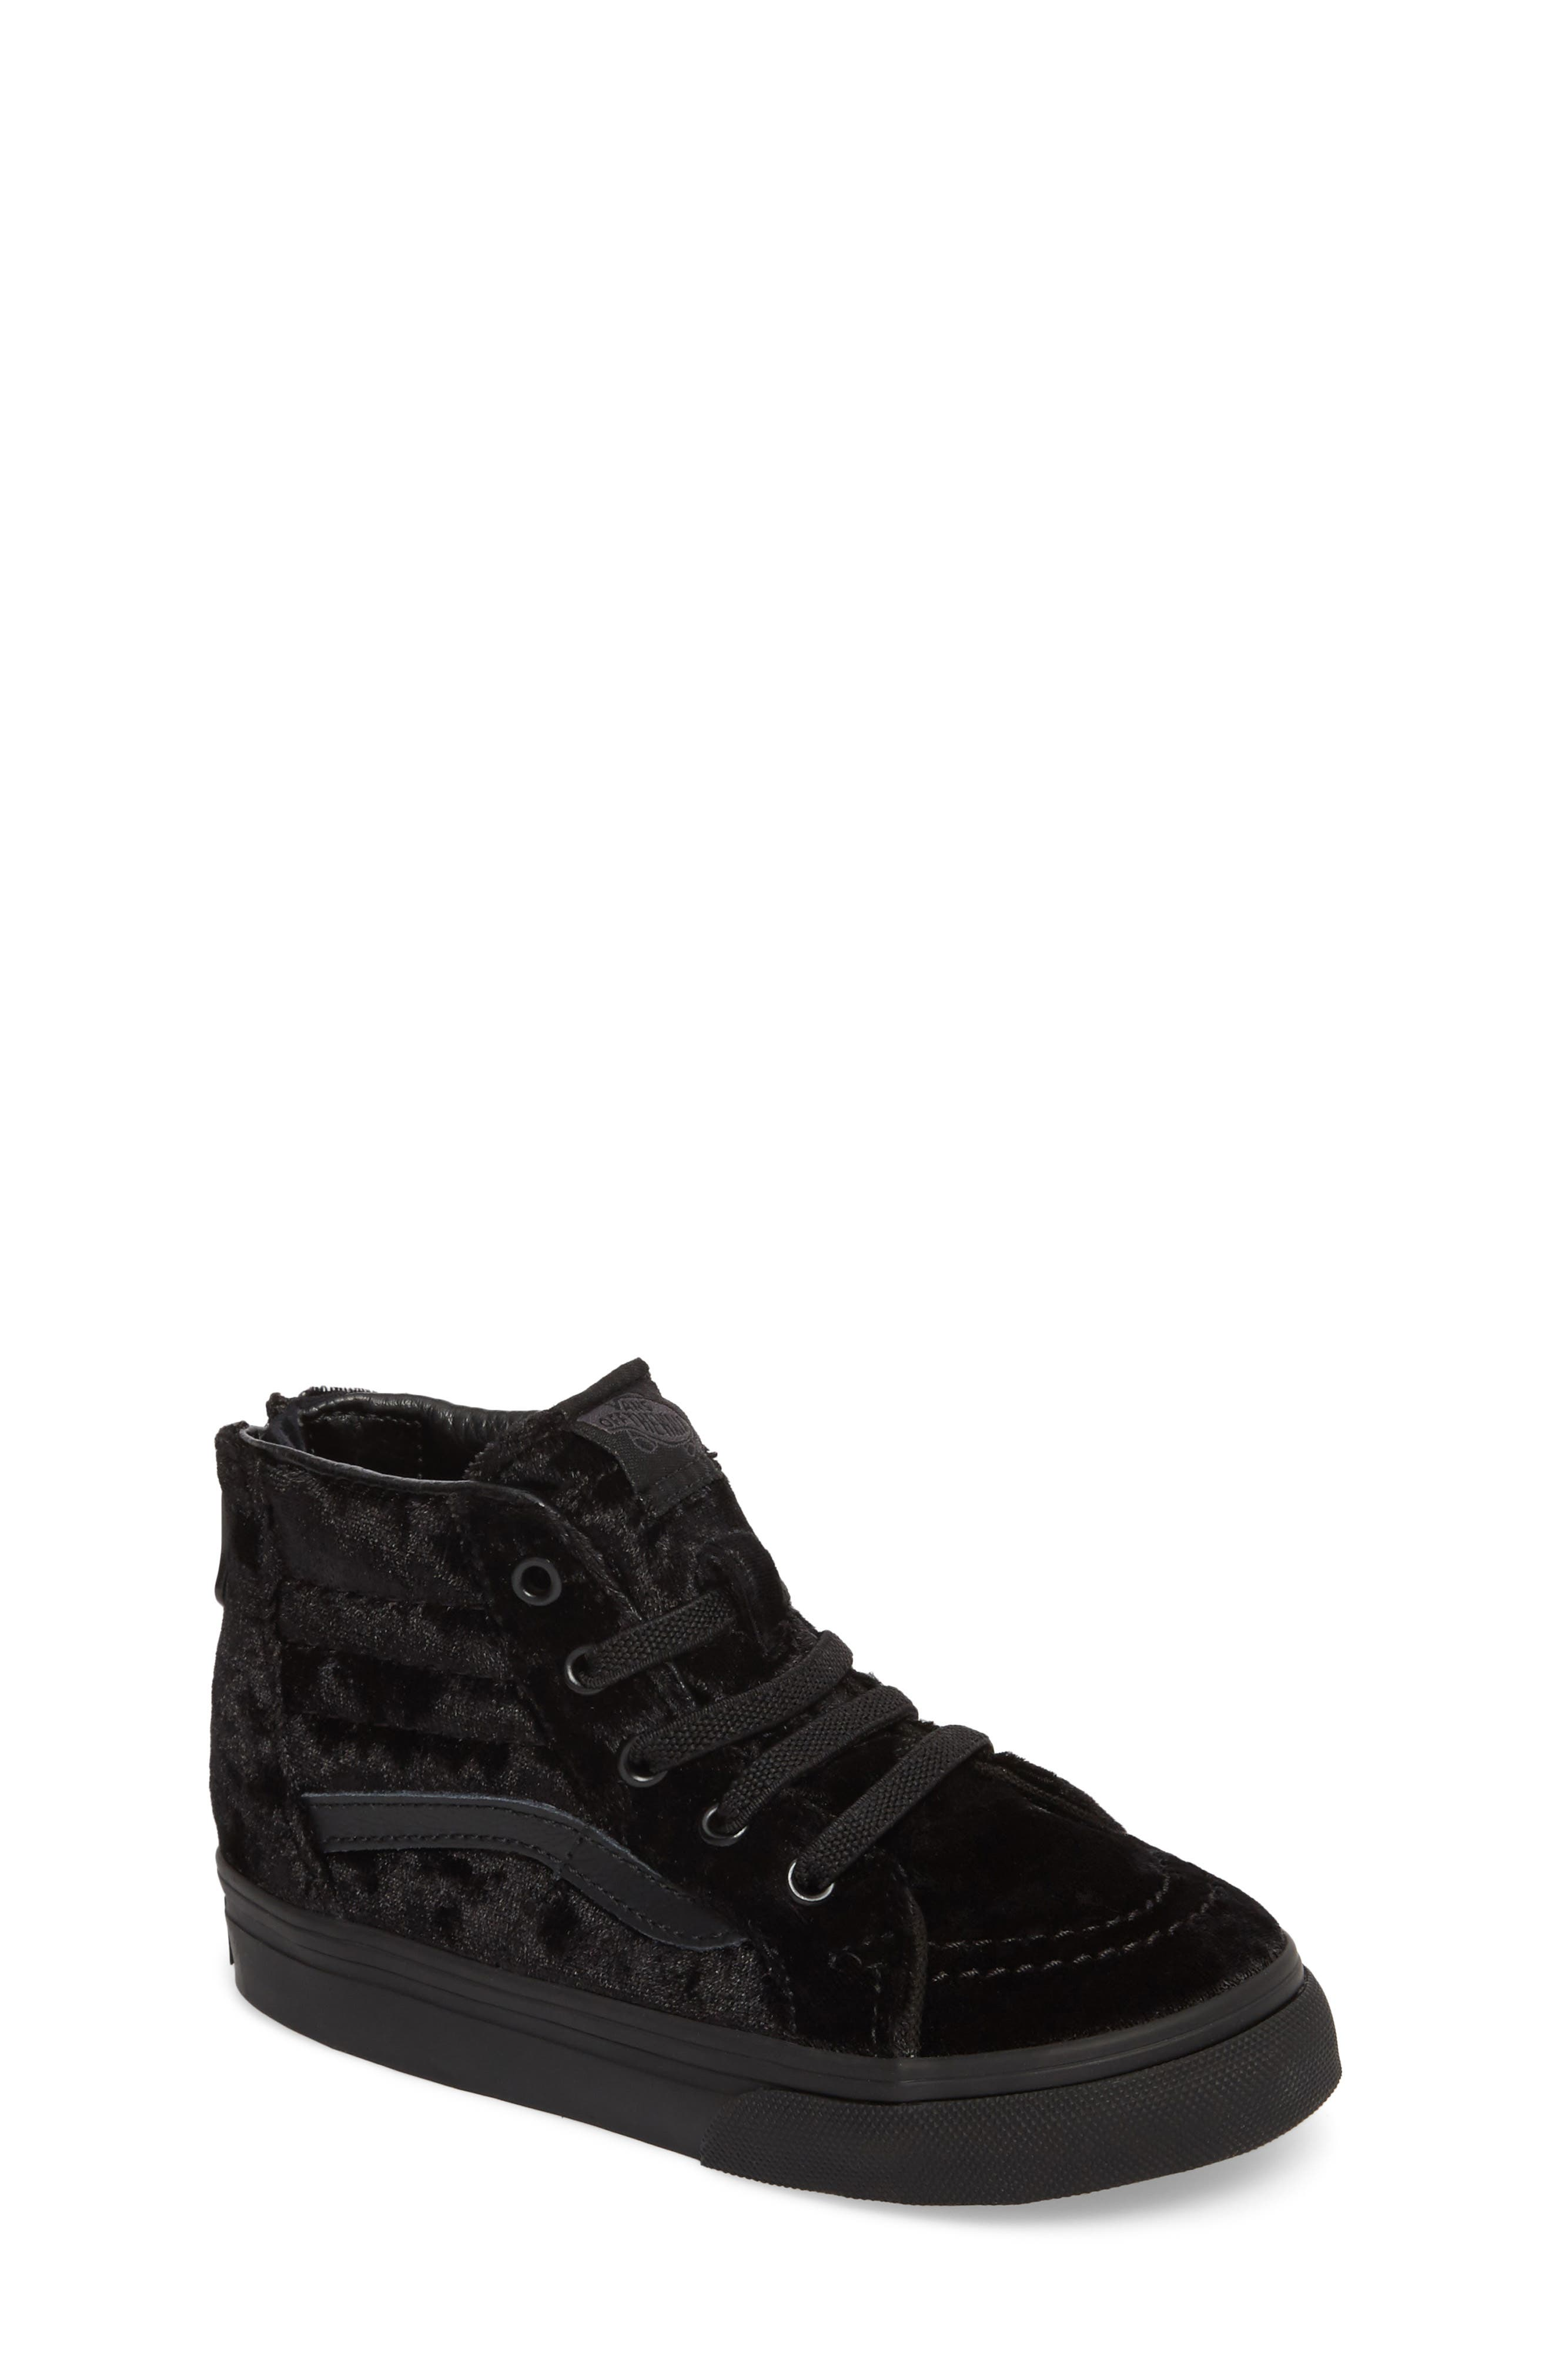 SK8-Hi Zip Sneaker,                         Main,                         color,